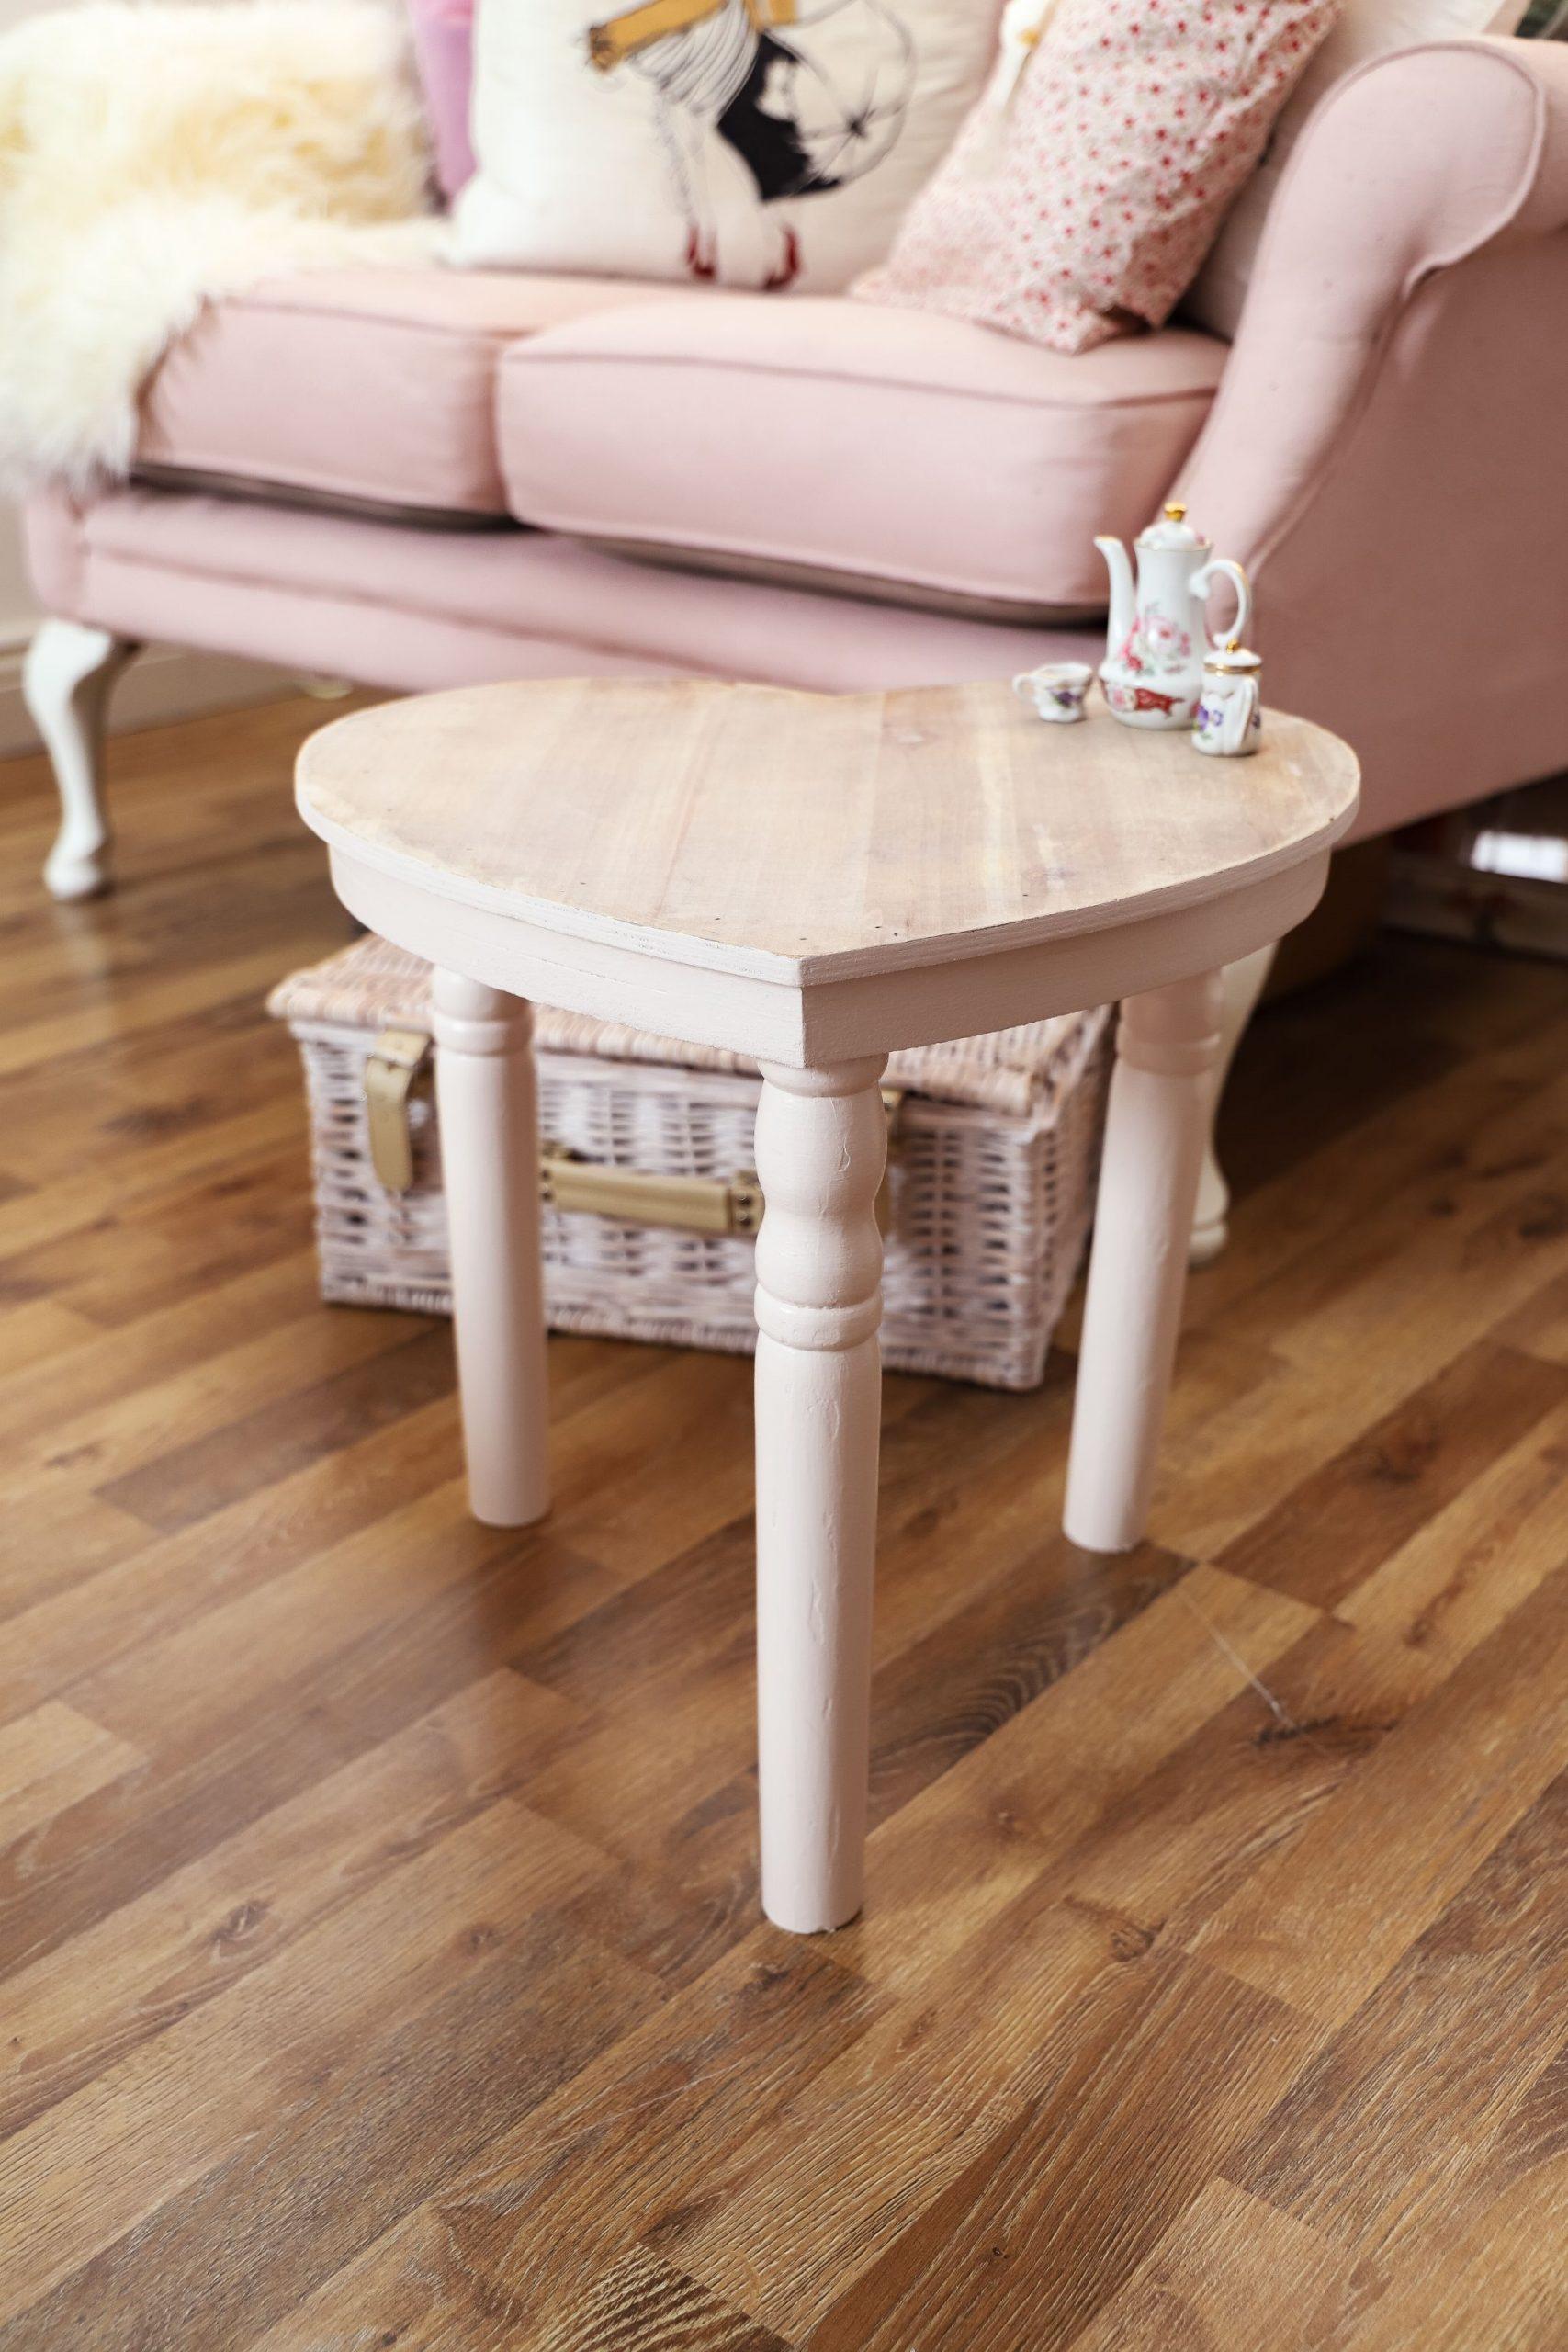 Mouldy furniture DIY makeover